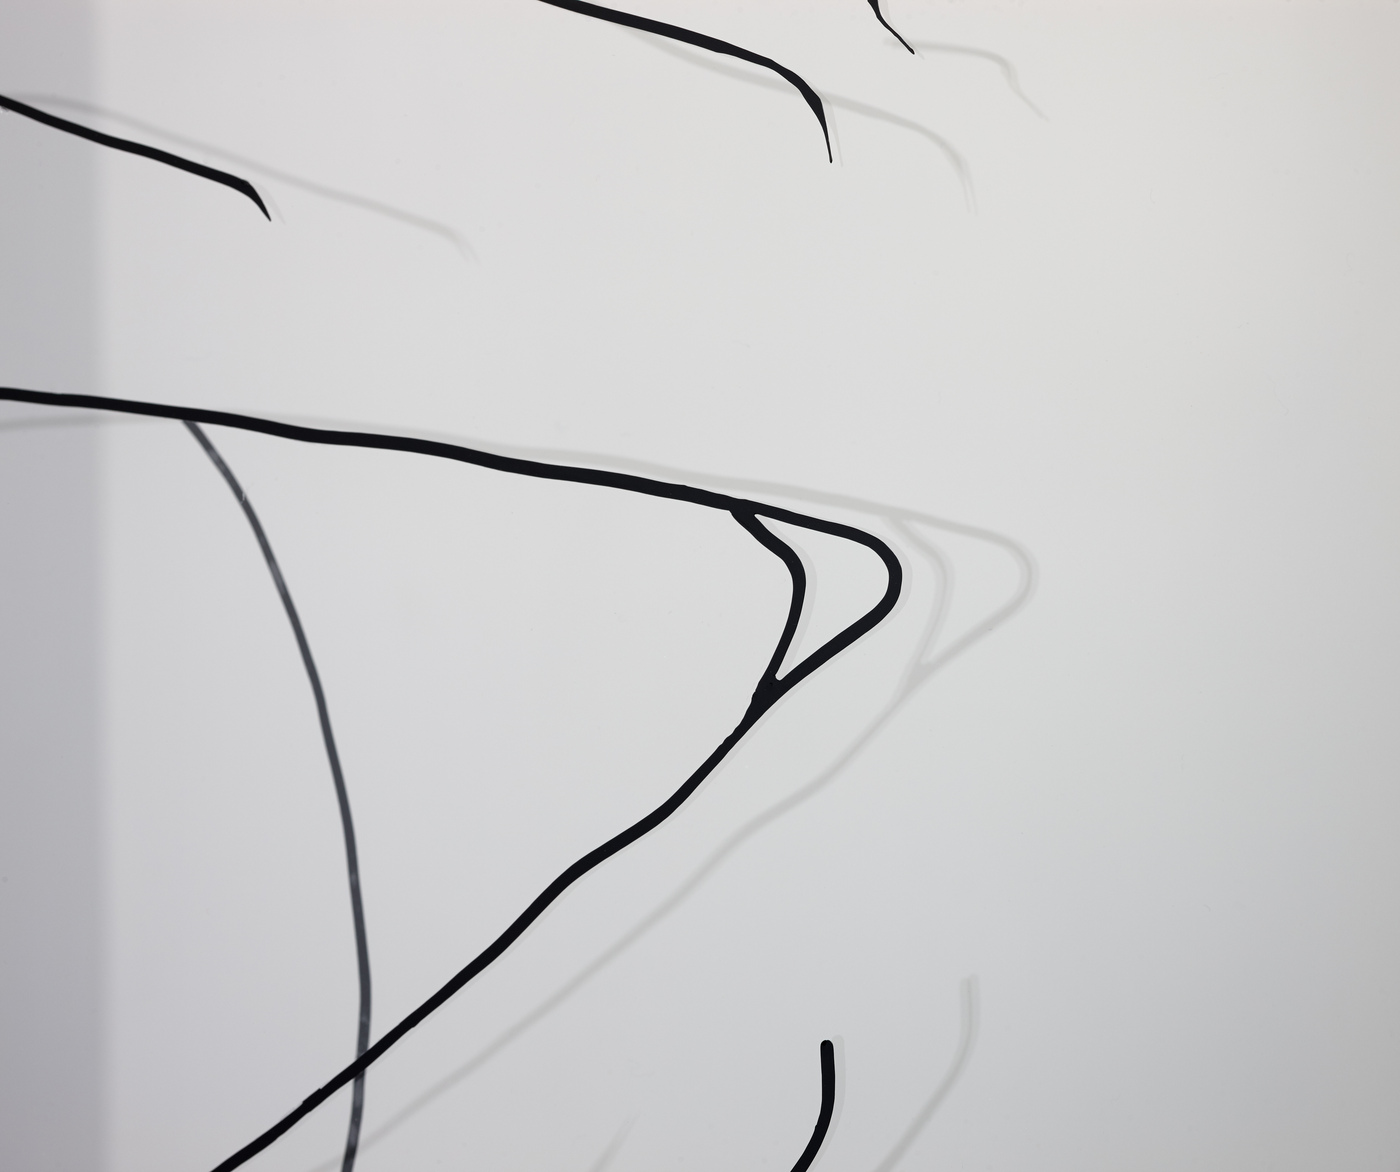 09. Bernhard Hegglin - Bar de Ligne - Installation View IX